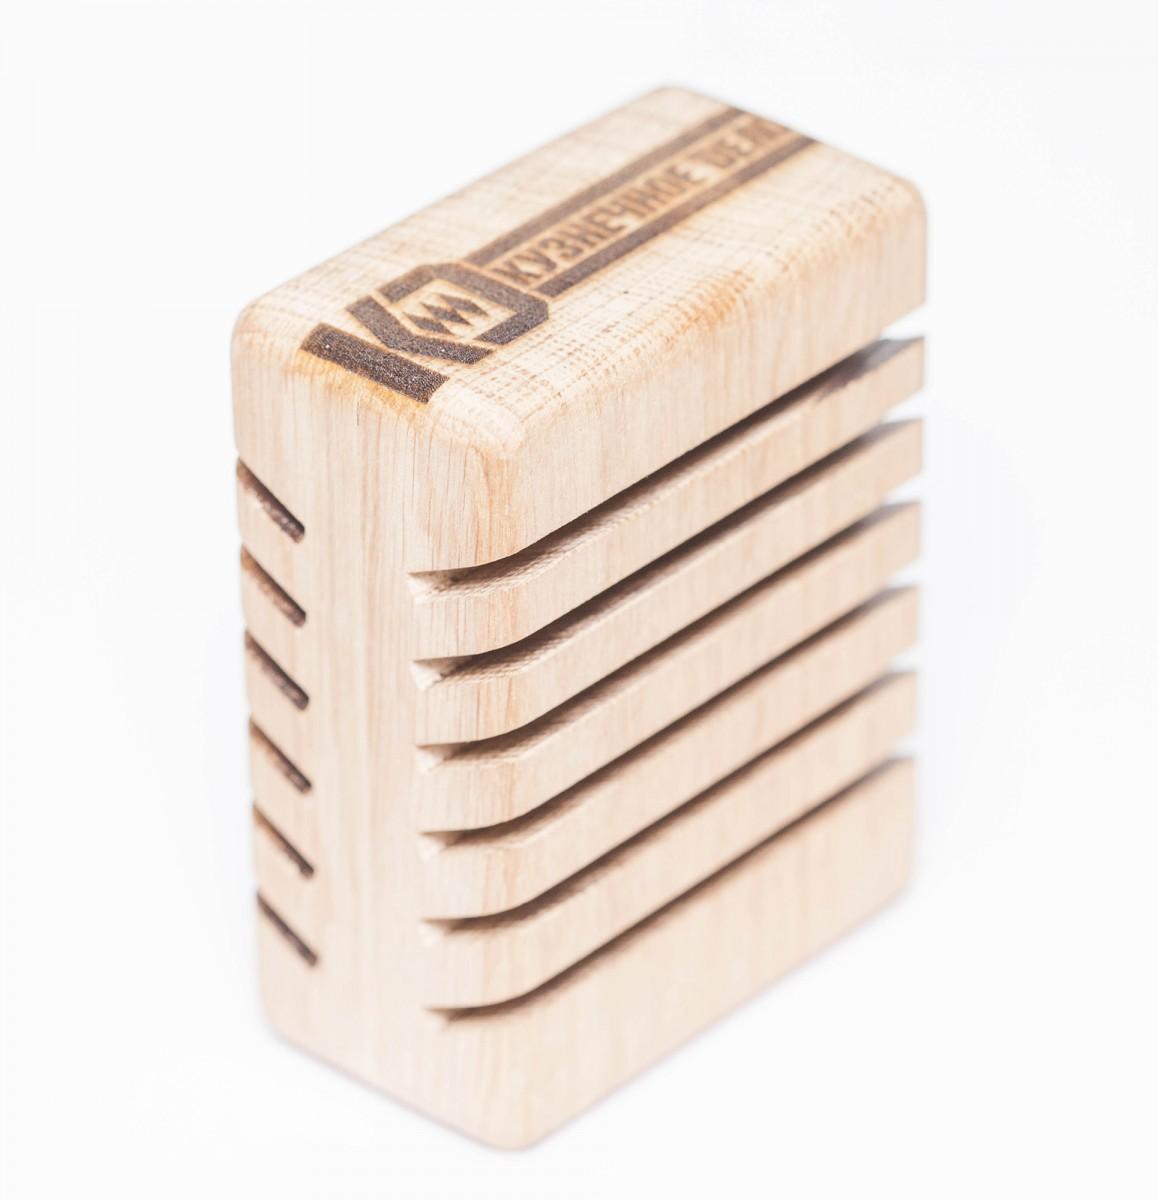 Подставка для визиток и карточек собственное производство минск на peresvet.by